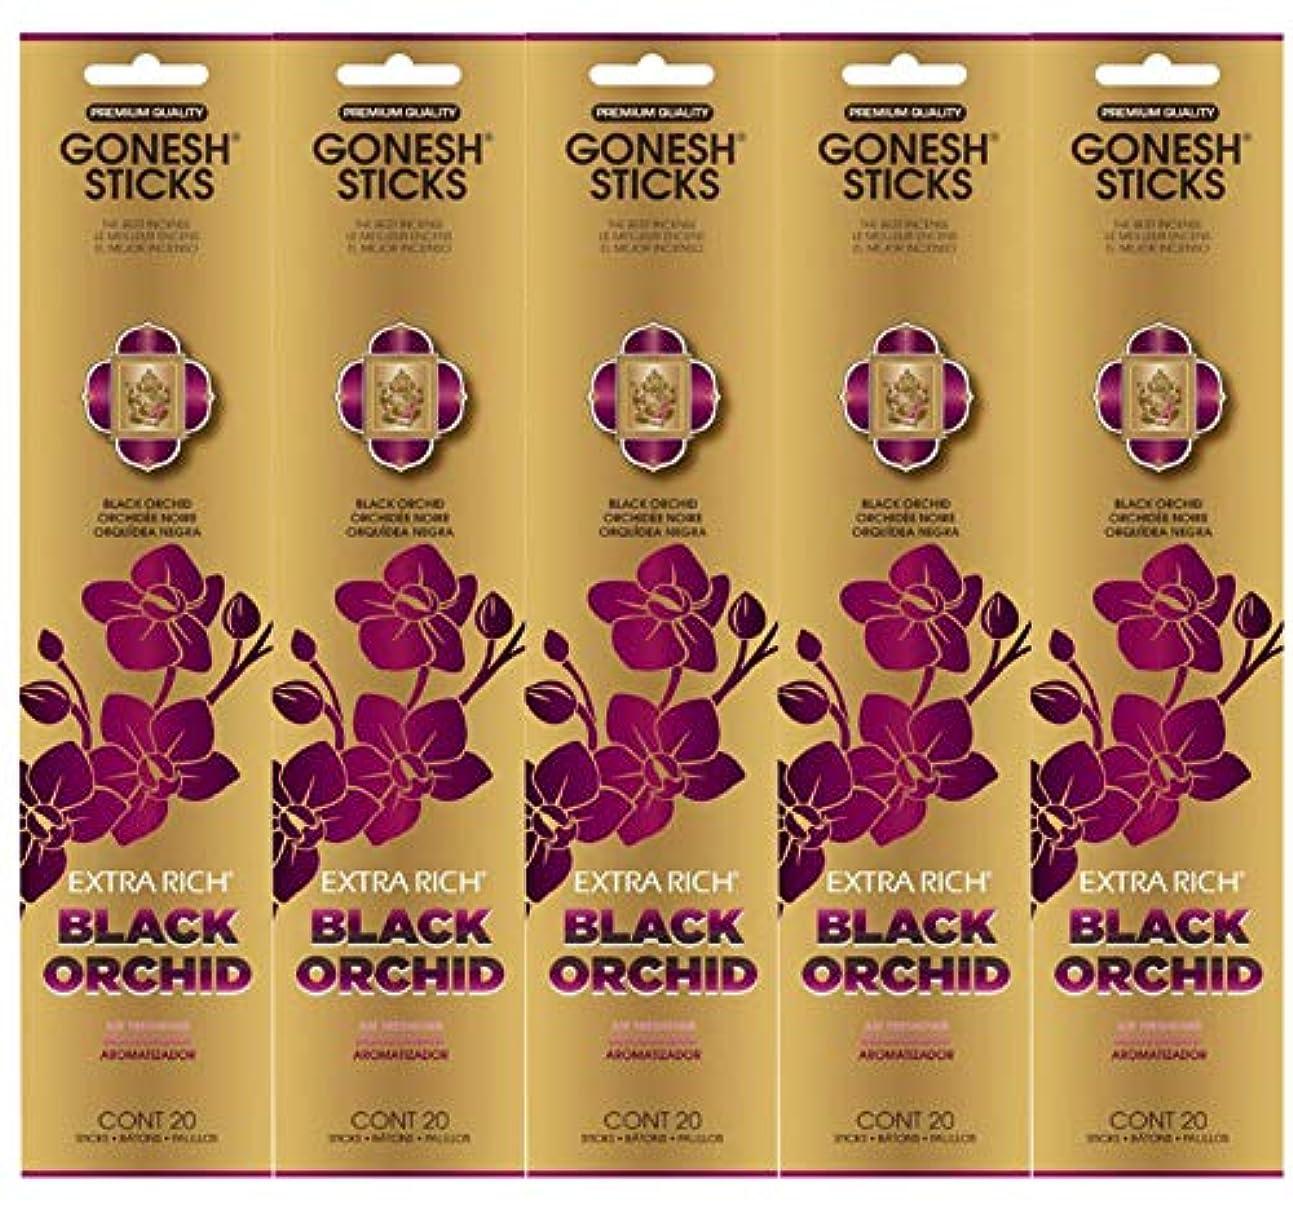 昇るスラダムファセットGonesh お香スティック エクストラリッチコレクション - ブラックオーキッド 5パック (合計100本)